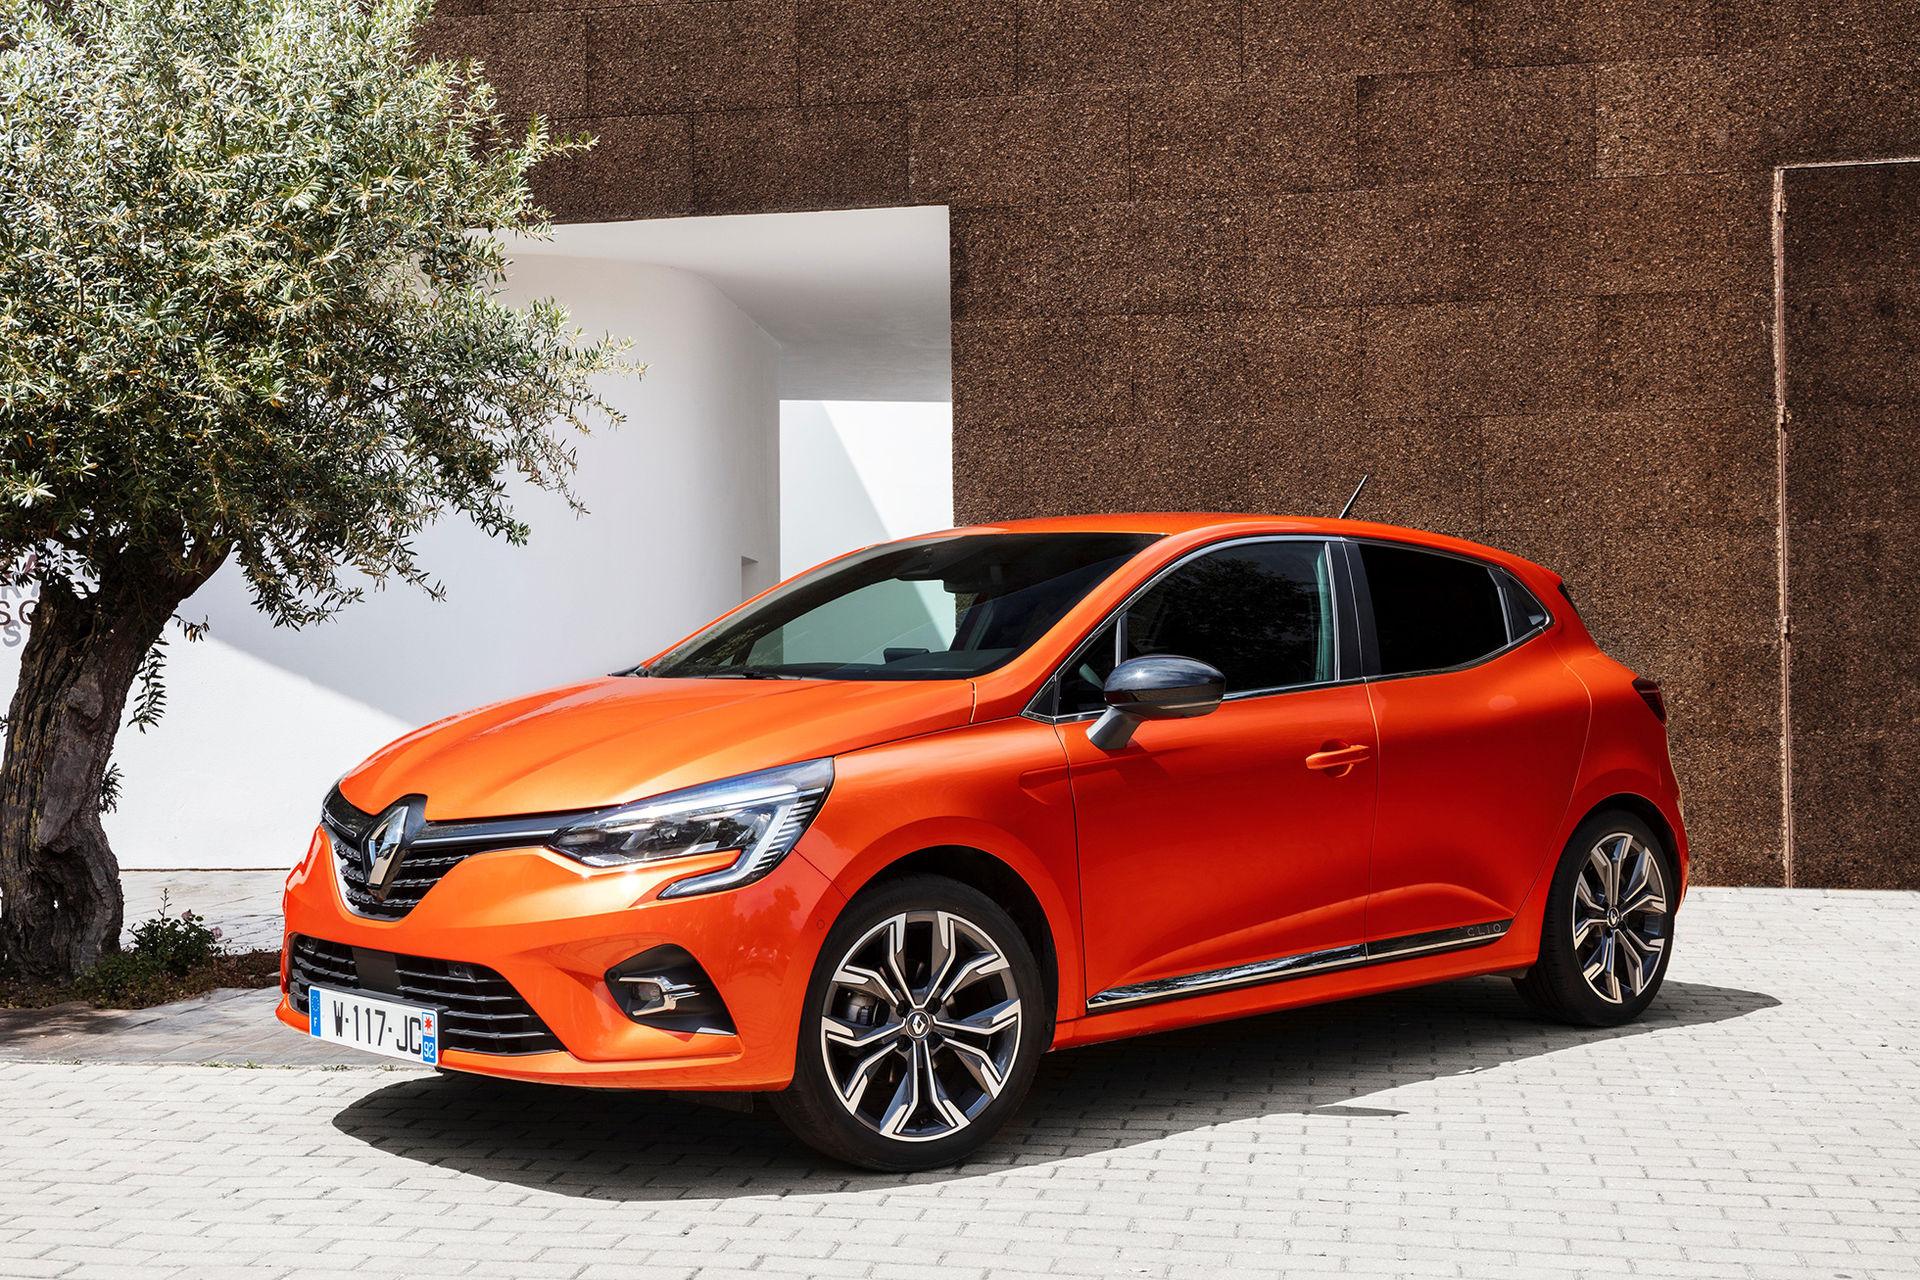 Nya Renault Clio blir din för 161.900 kronor